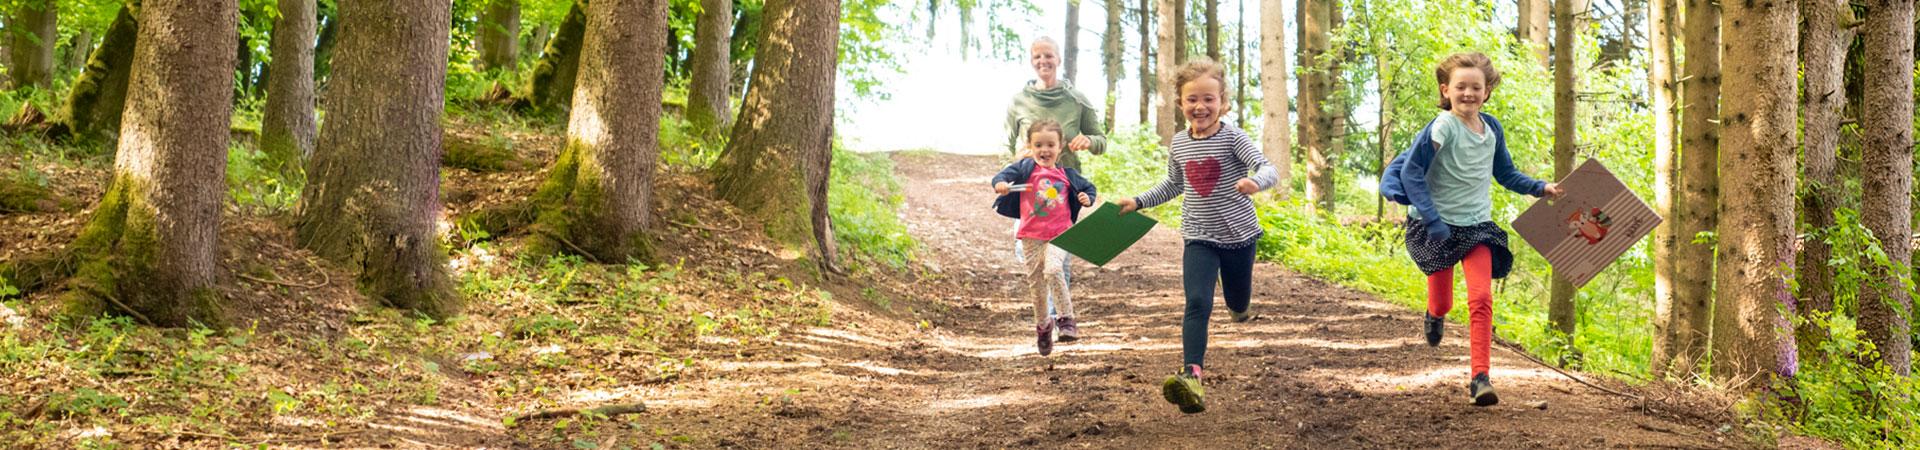 Naturkind und natürlich lernen - Natürliches Lernen - Waldpädagogik in Bayern nahe dem Chiemsee im Raum Traunstein nahe Salzburg